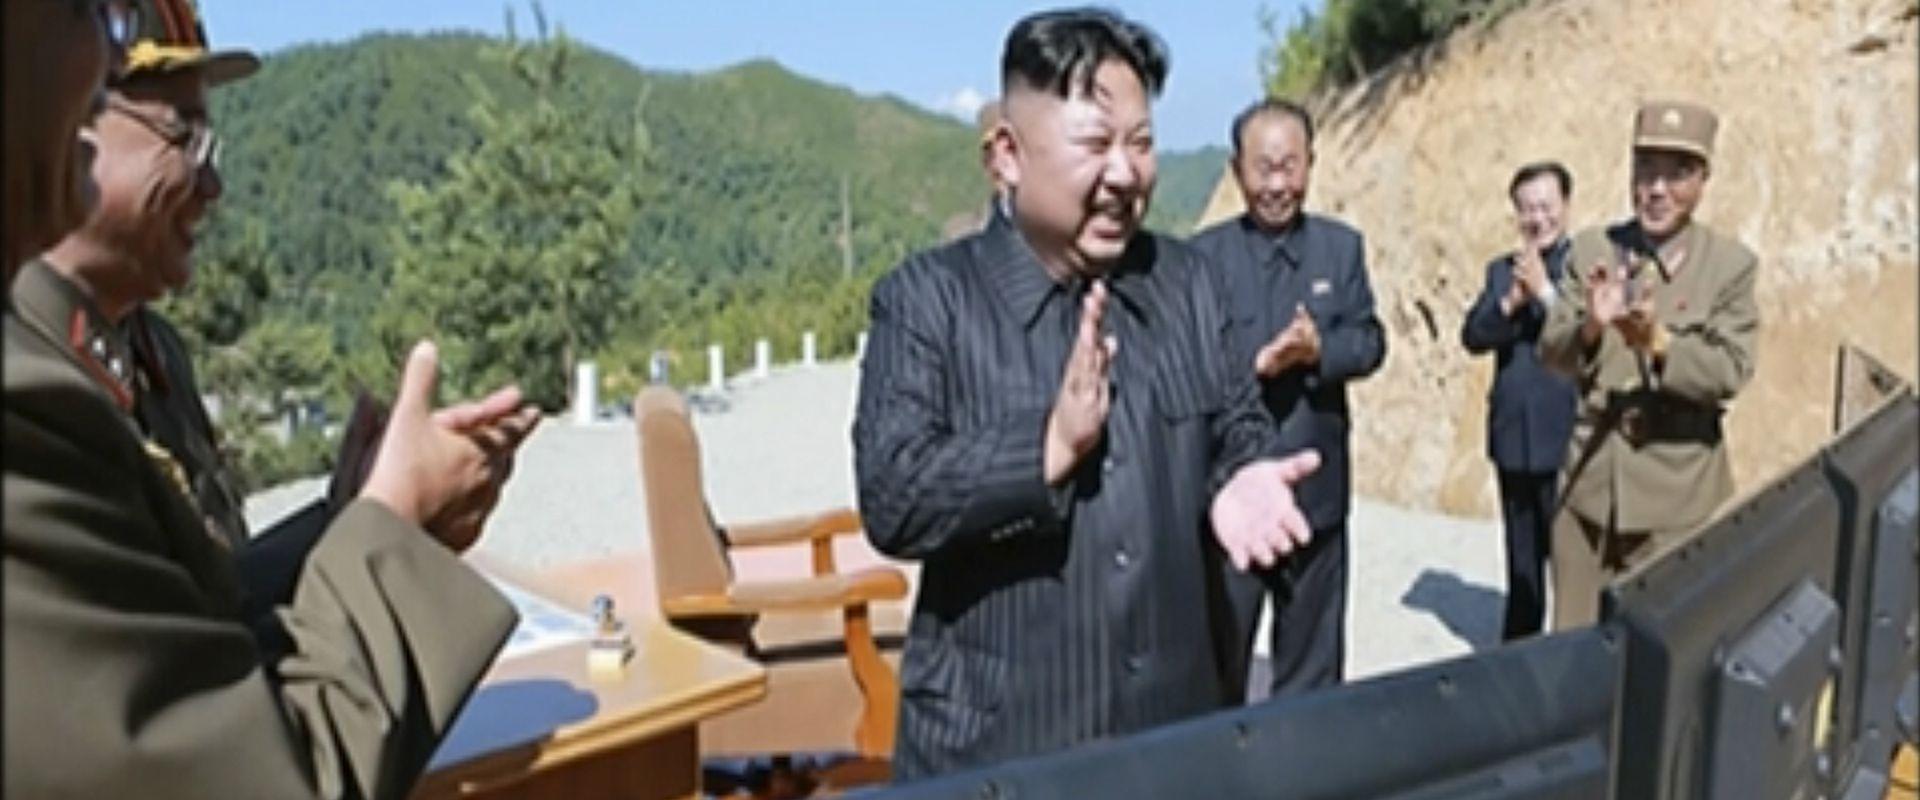 צילום ארכיון: מנהיג קוריאה הצפונית בניסוי טילים